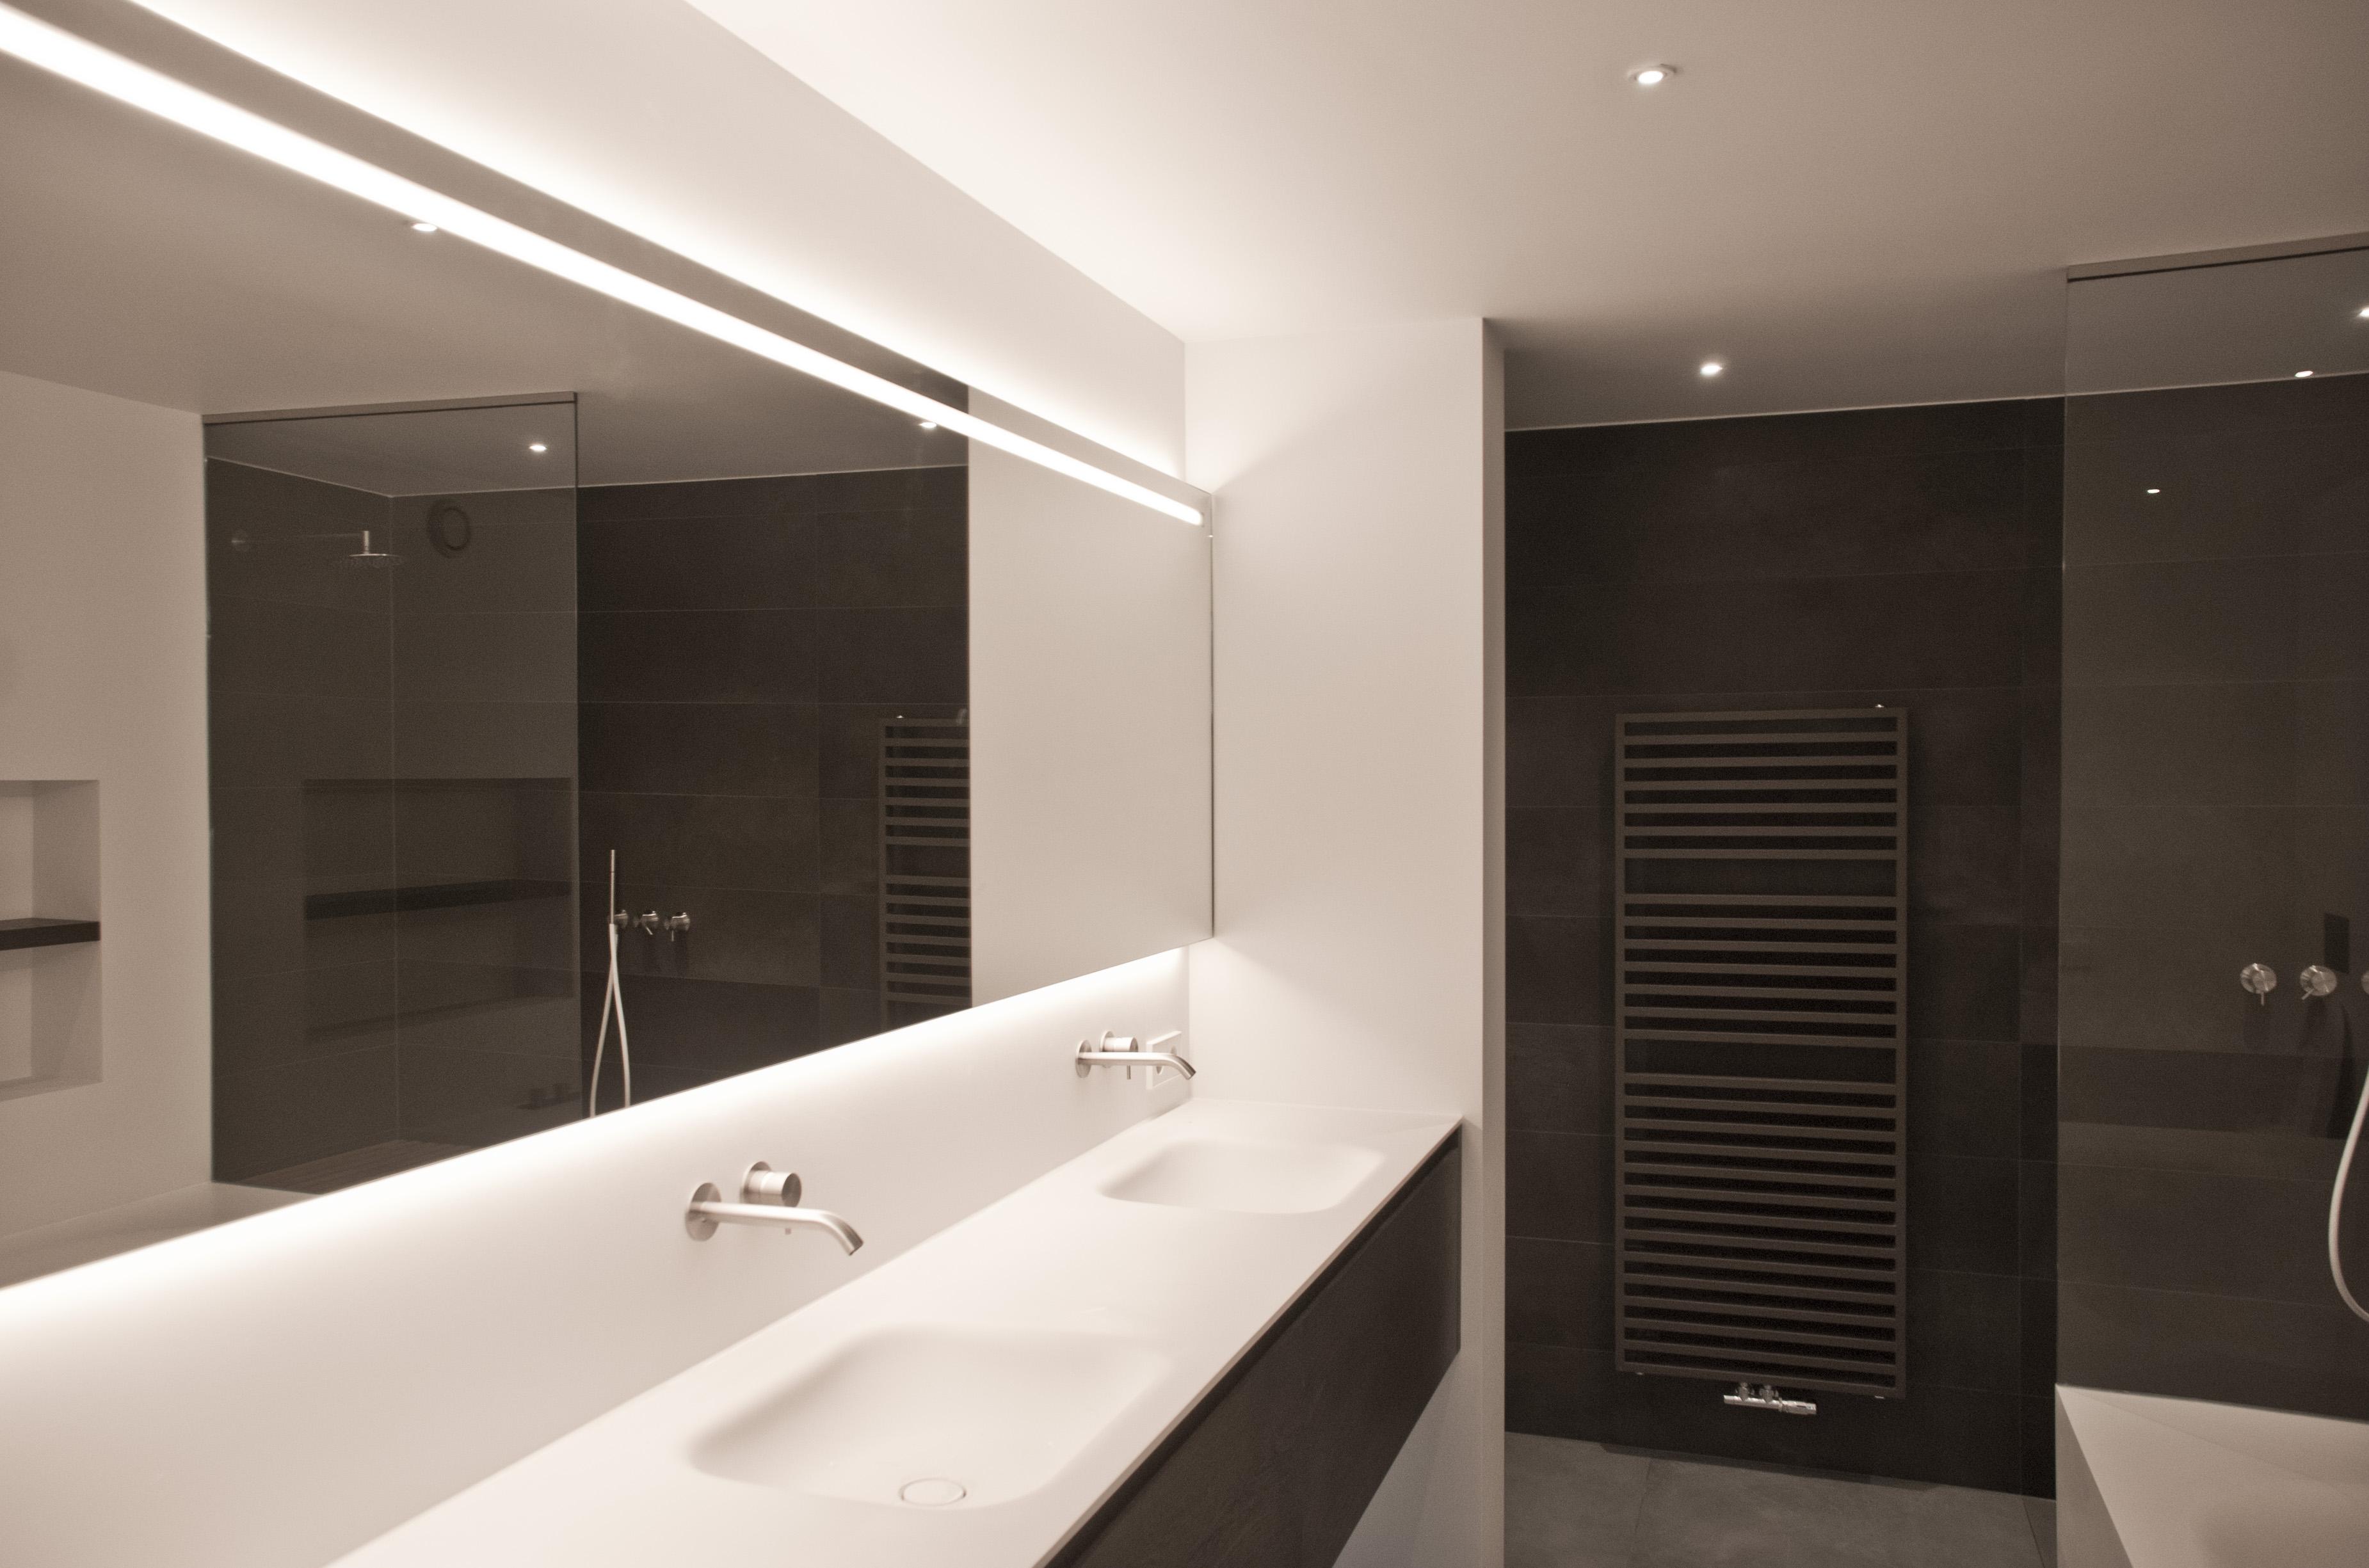 Westerbreedte architecten | aannemer verbouwing badkamer villa ...